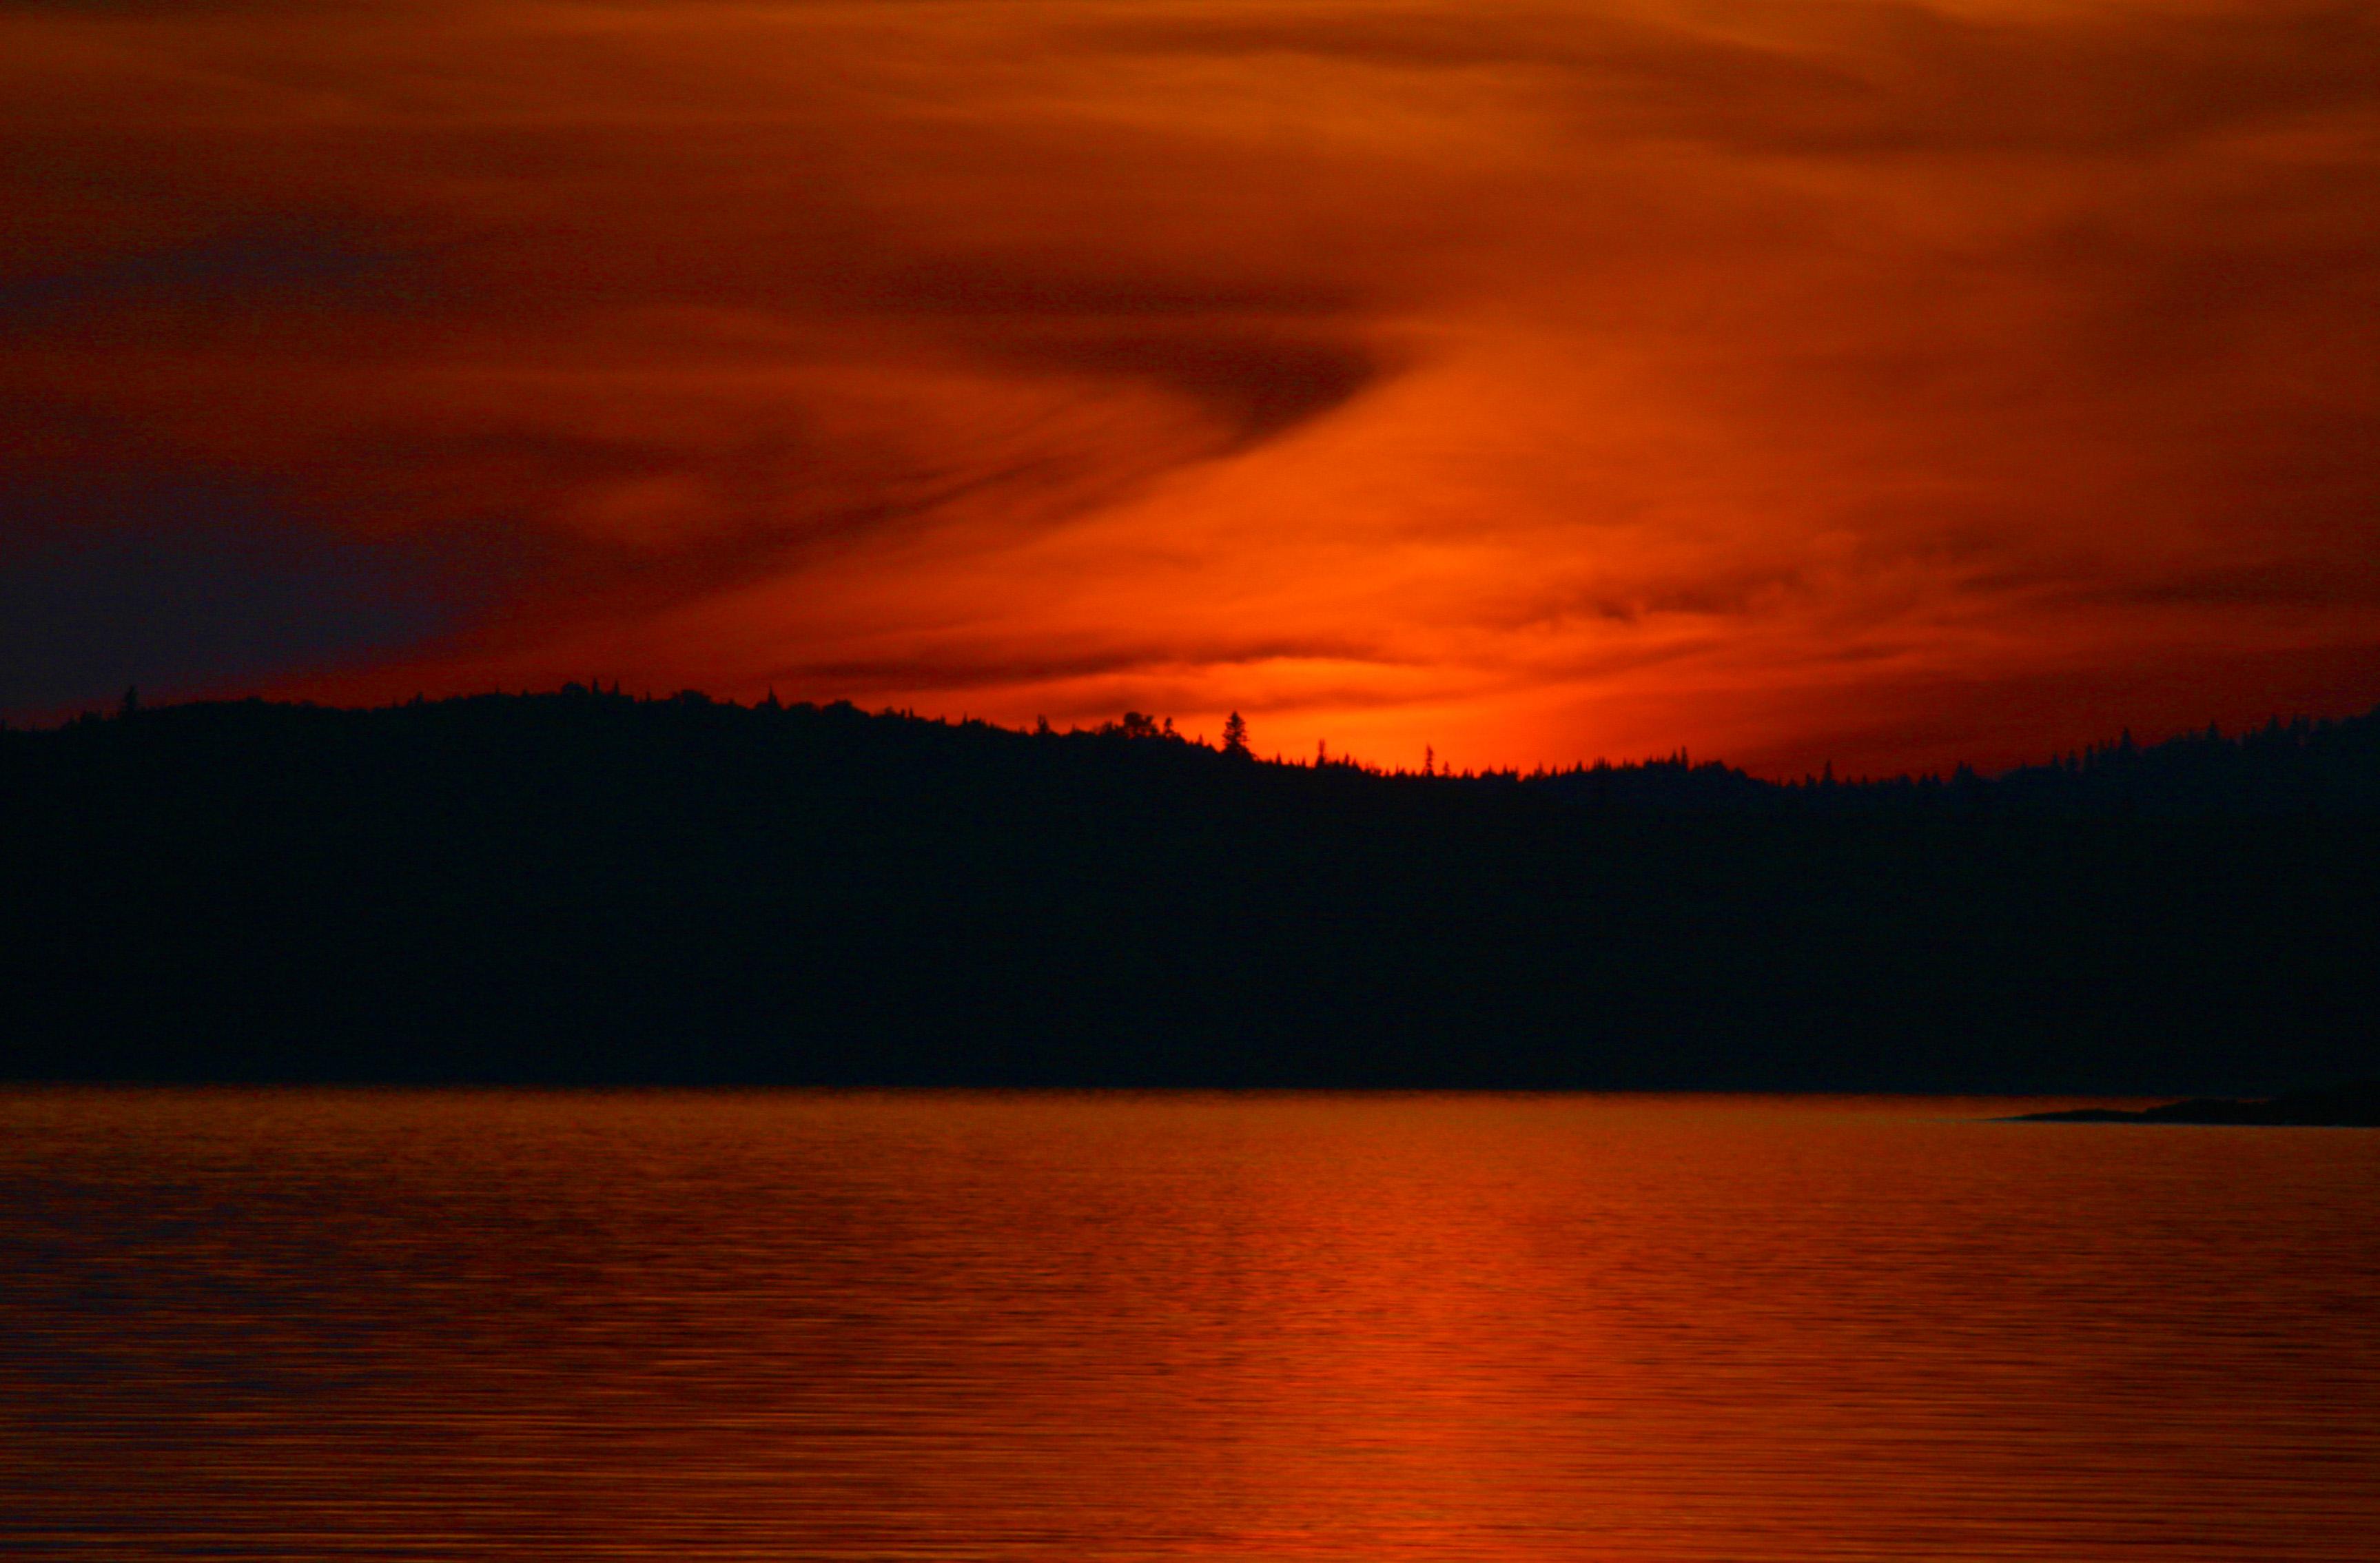 Cobanosh sunset